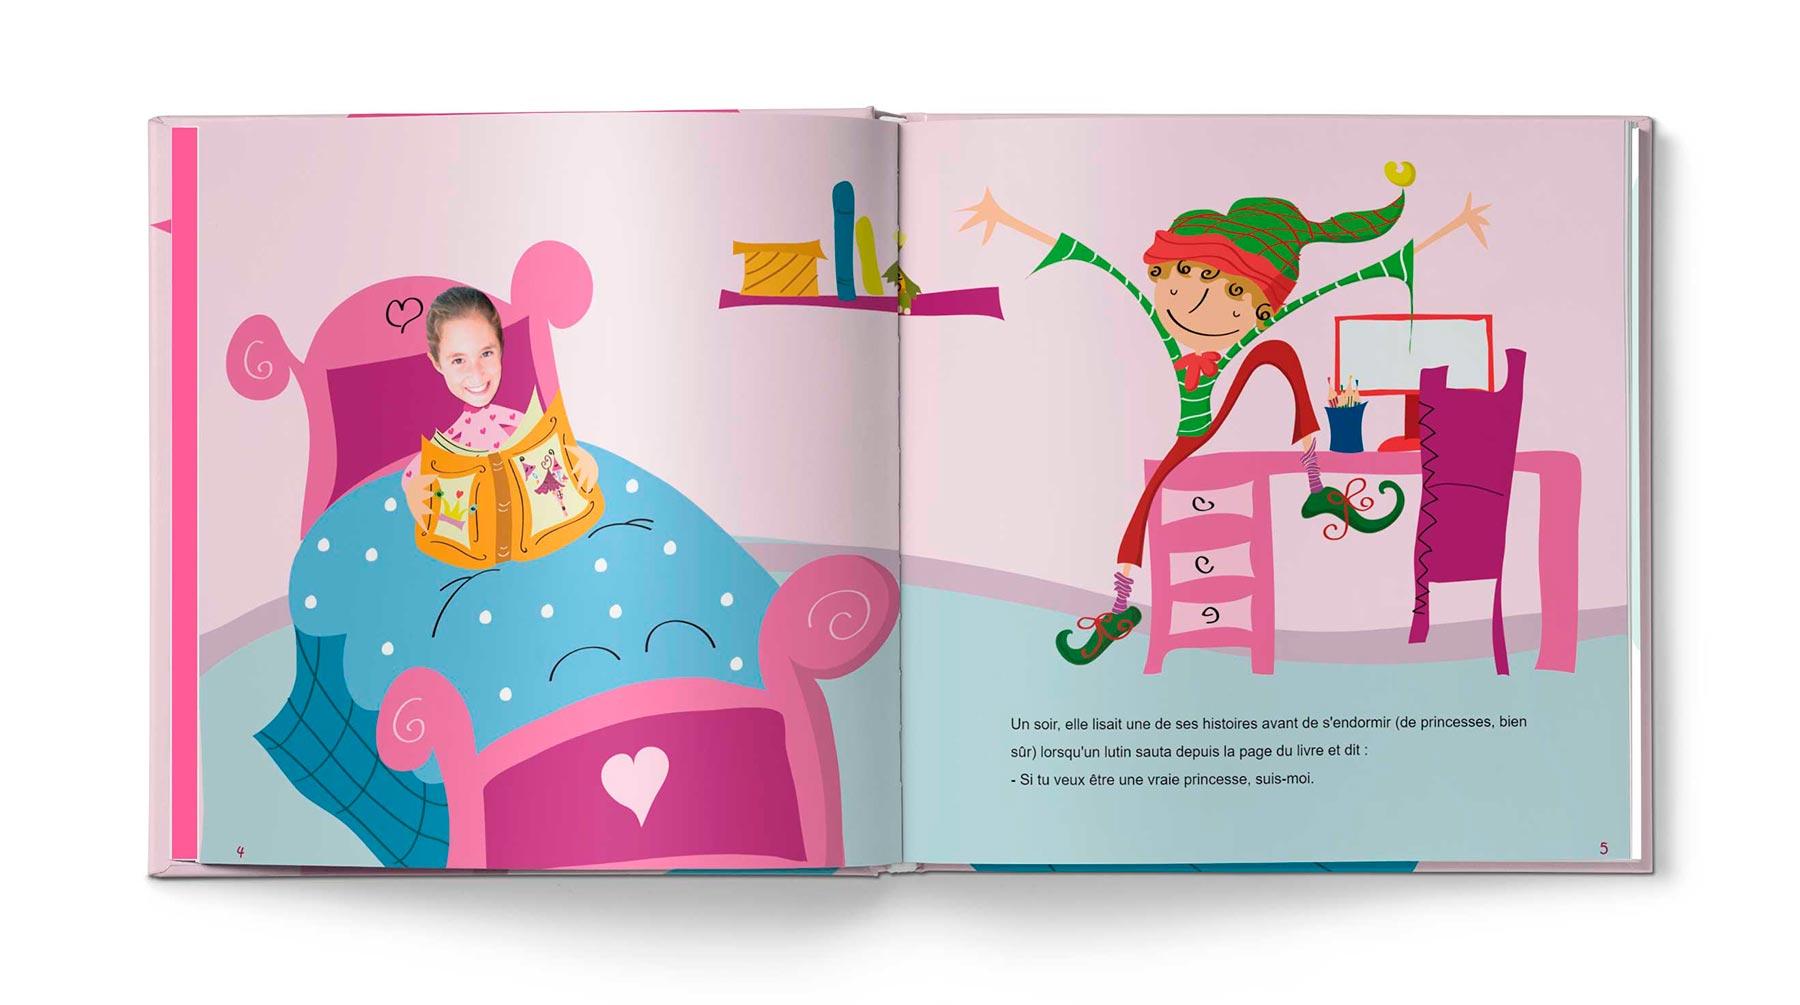 Histoire La princesse et le pansement - Image 2